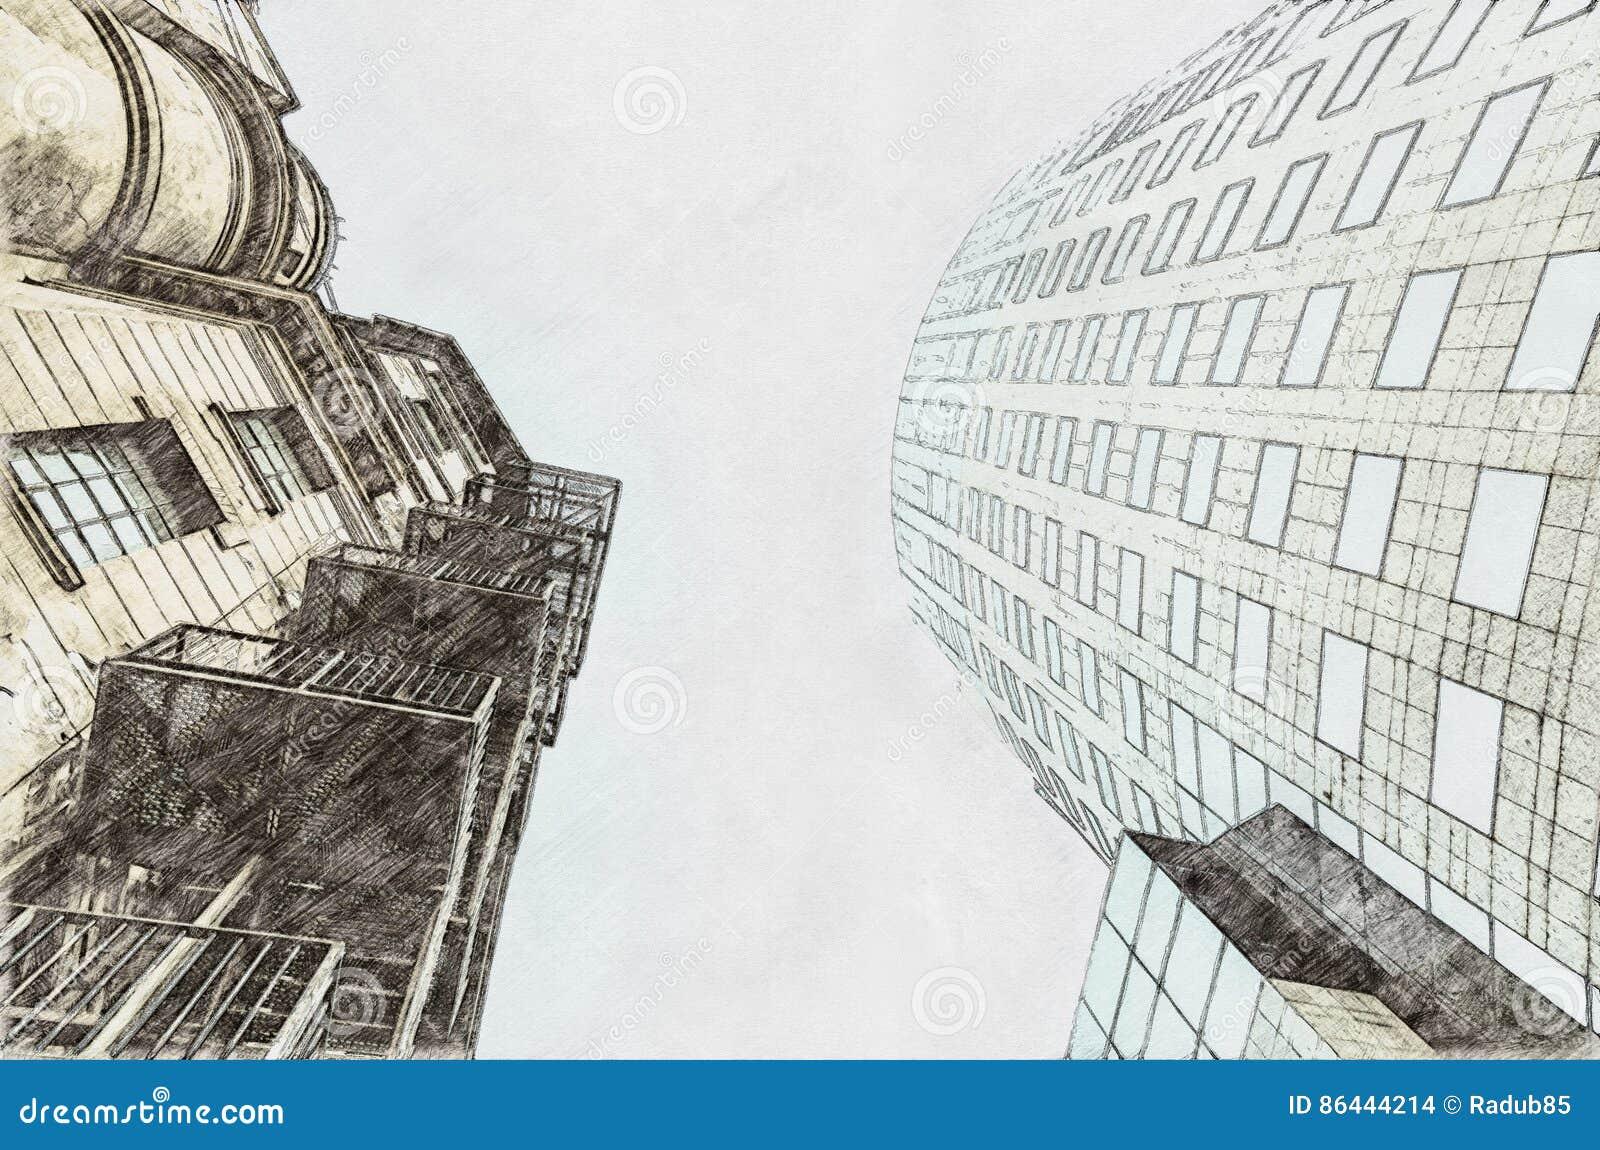 Architektur Skizze Von Altem Gegen Neues Konzept Stock Abbildung